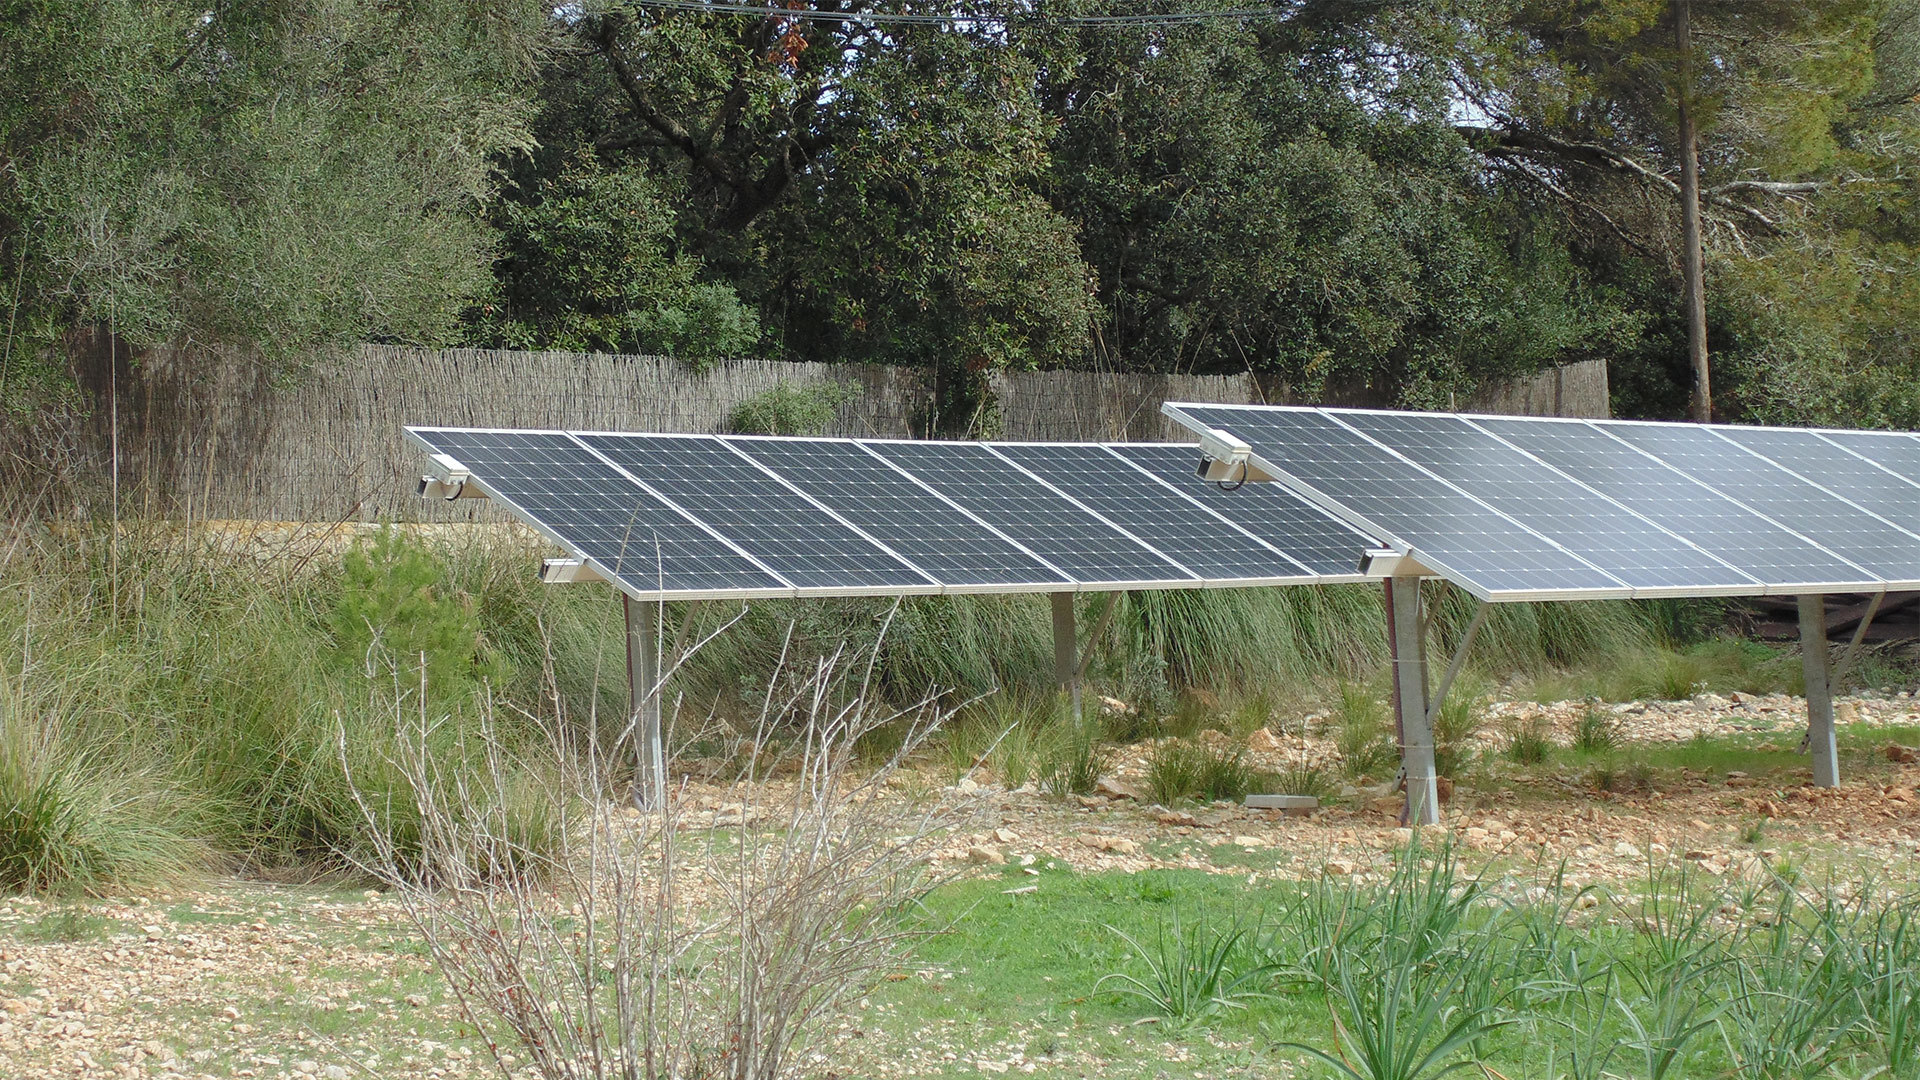 Solysia solar pannels in Mallorca countryside min